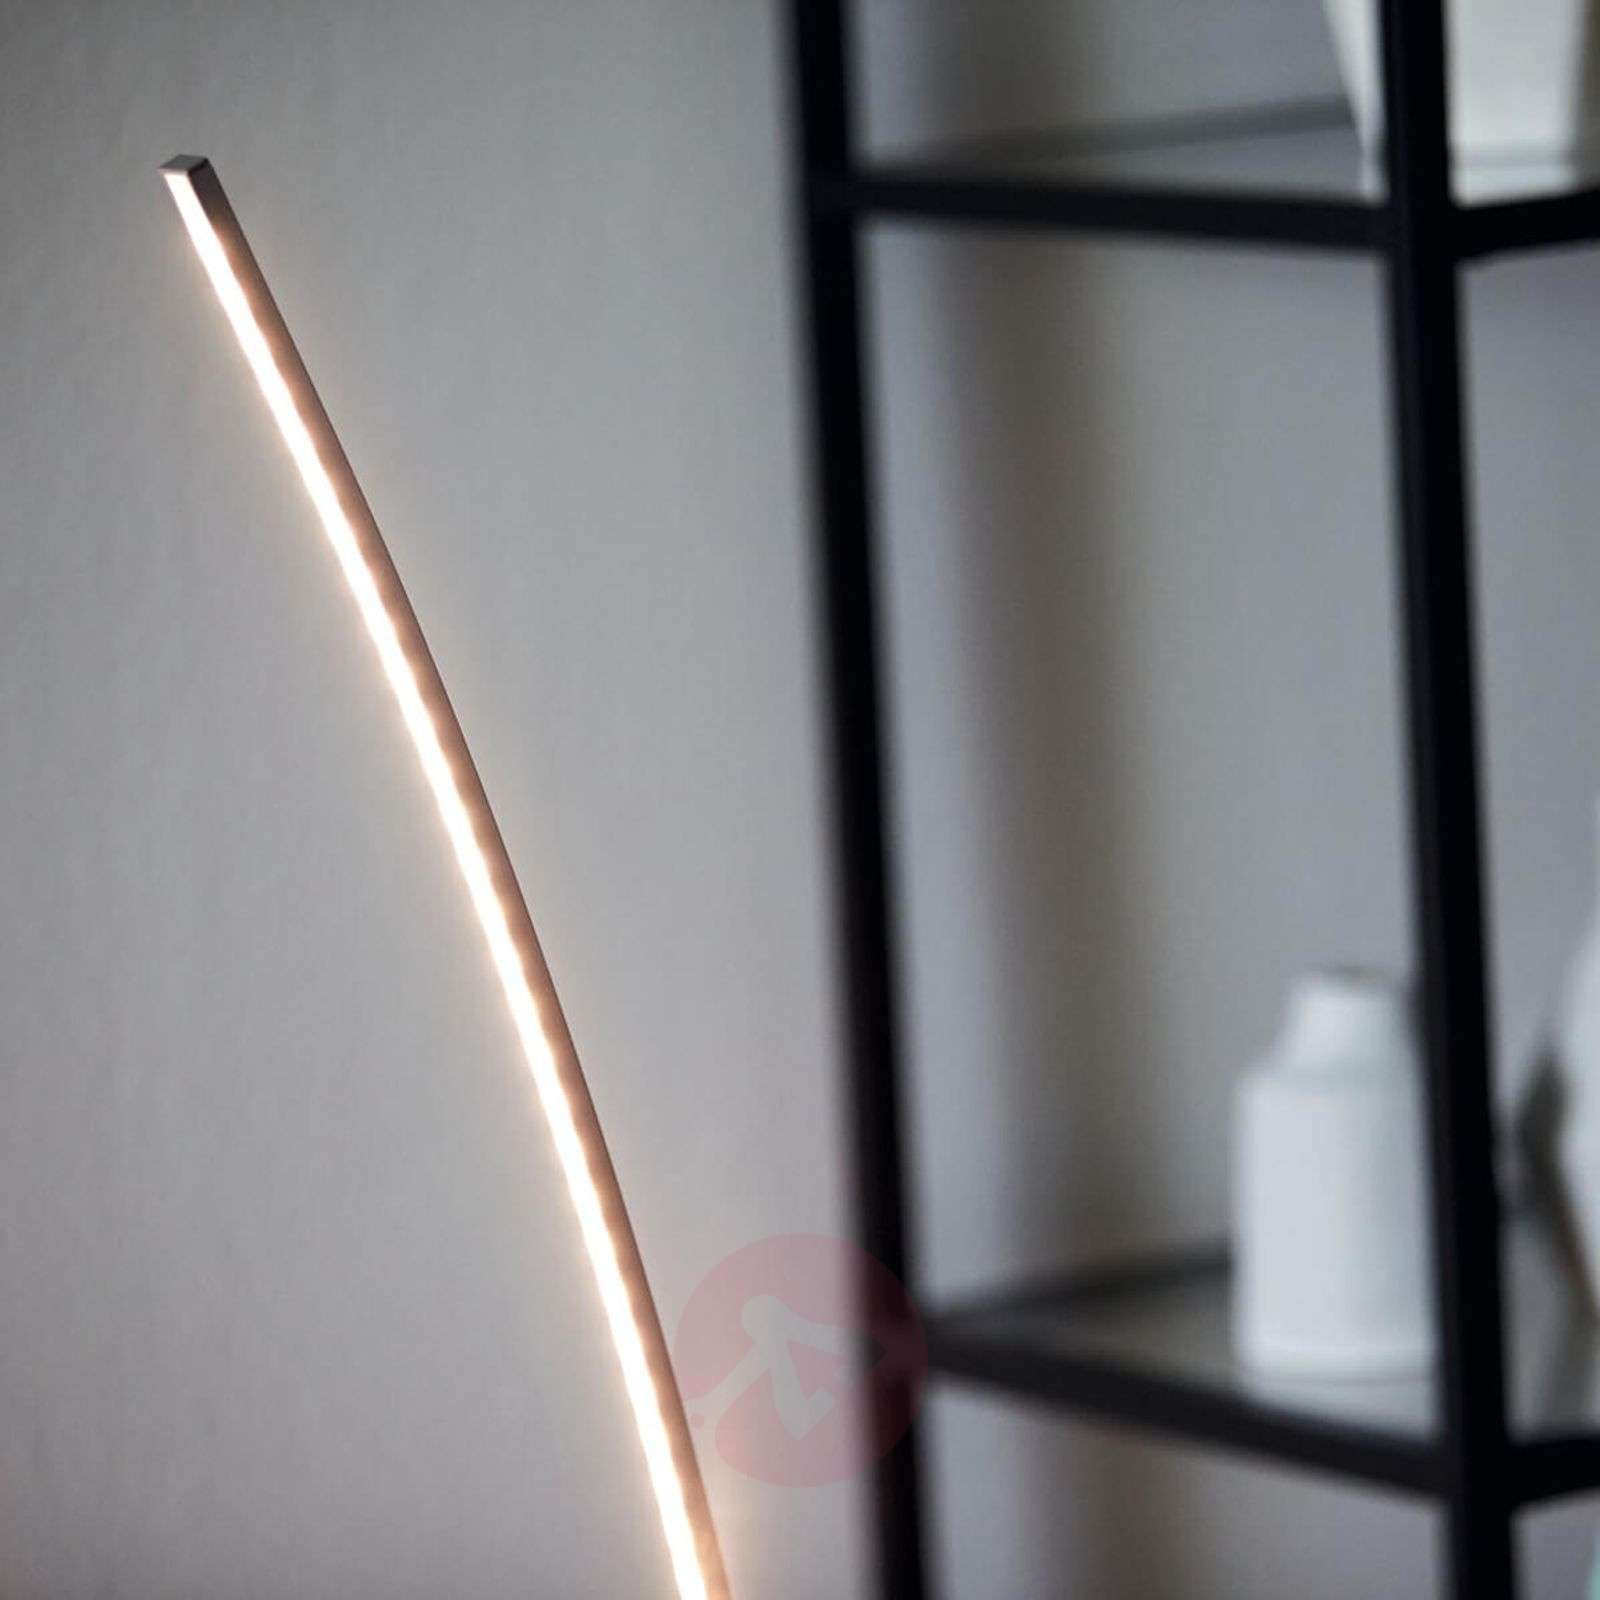 Taivutettu LED-lattiavalaisin Hexagon-7531979-01